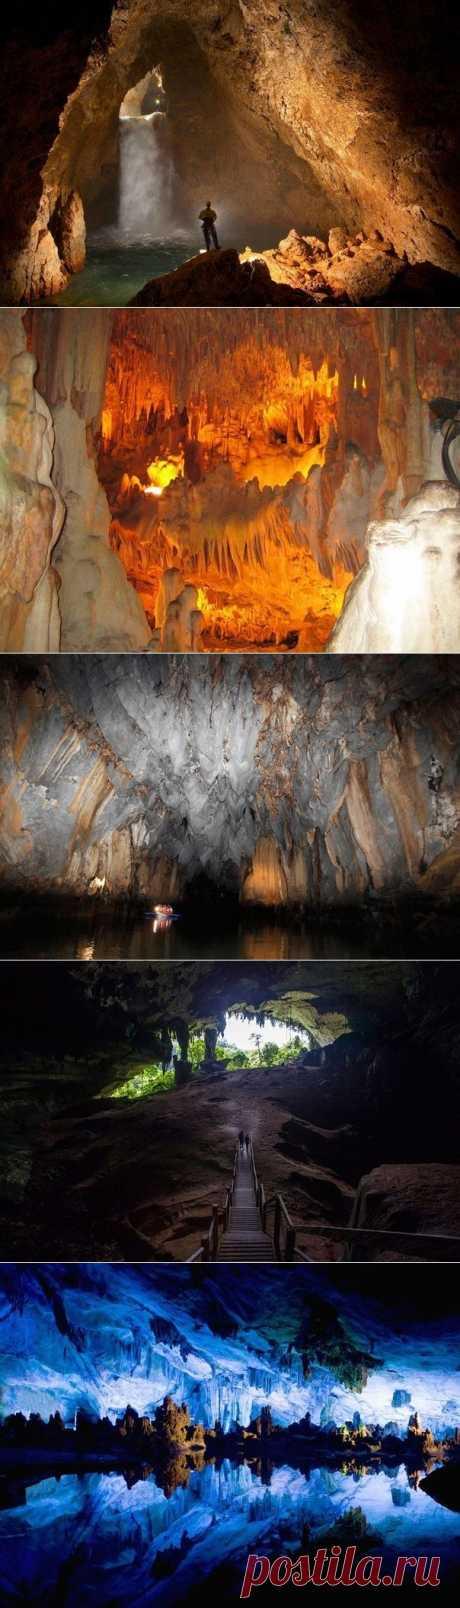 Завораживающие фото пещер..